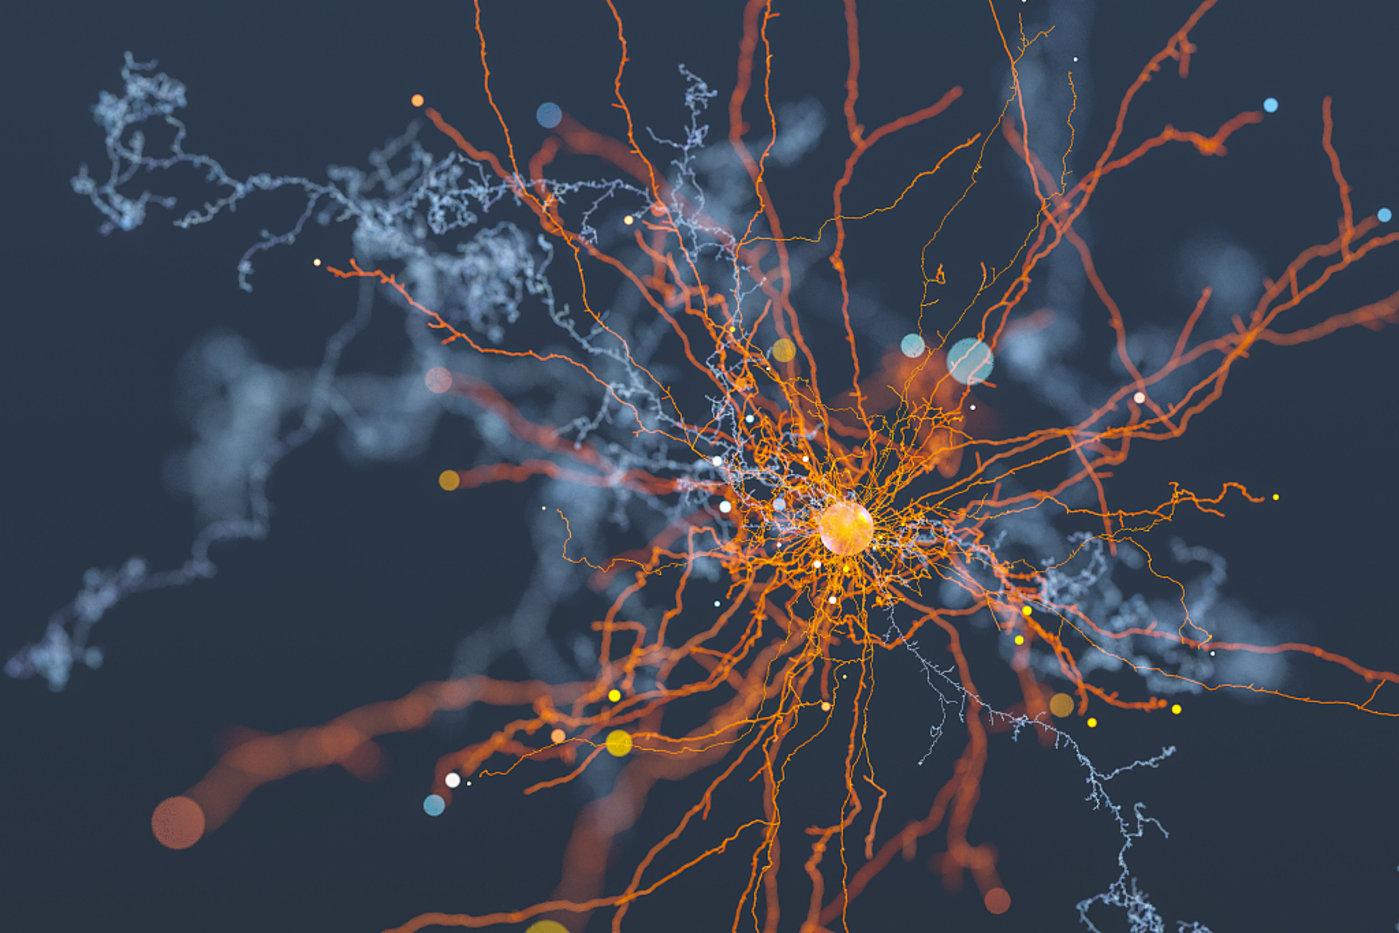 精确读取大脑信号,新技术有望促进脑电控制设备的开发